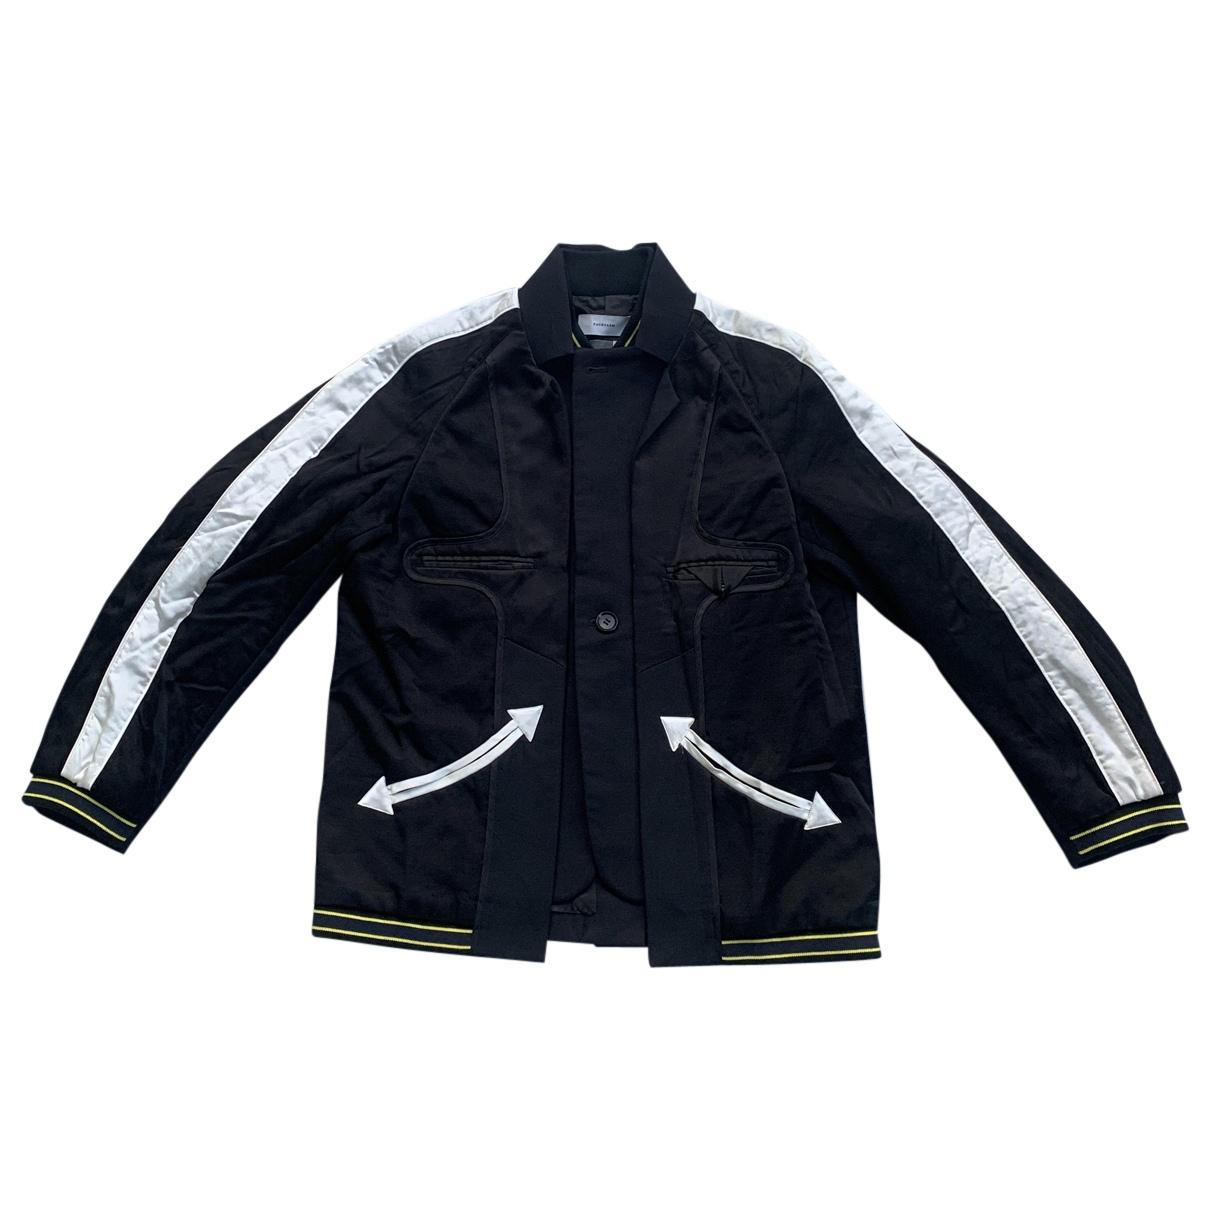 Facetasm N Black Wool jacket for Women 2 0-5